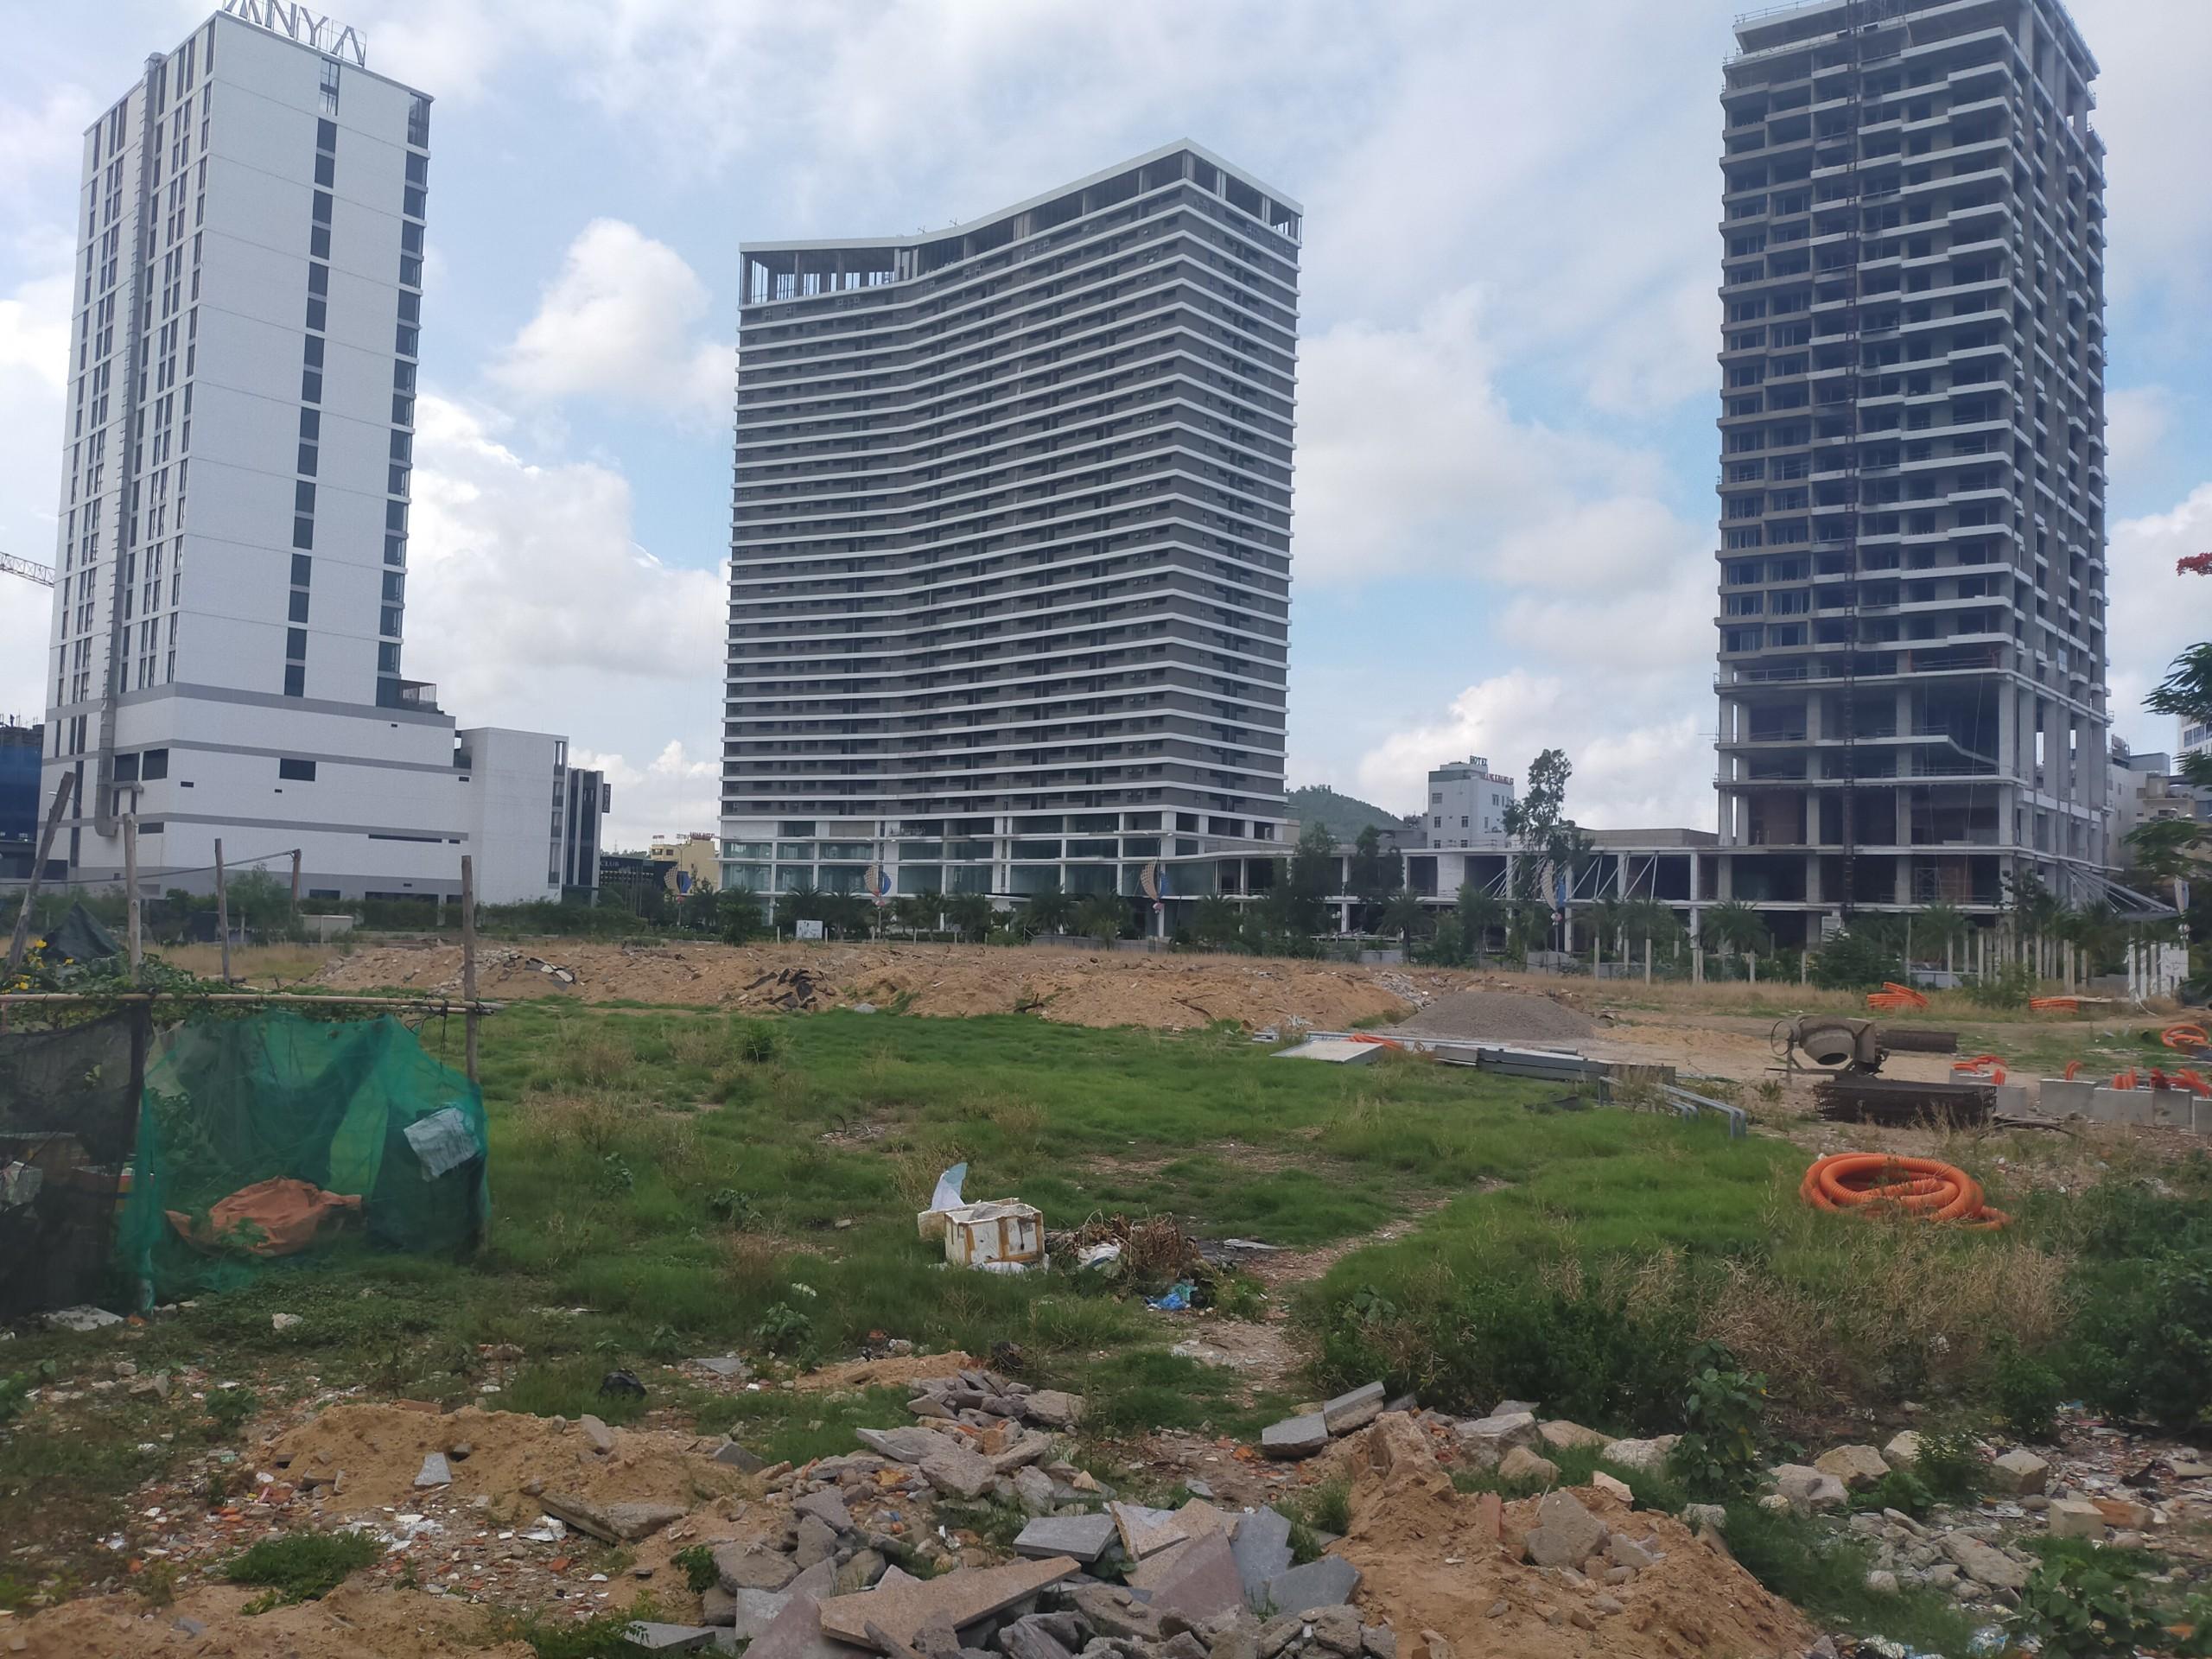 Bình định: Cận cảnh những khu đất vàng giao cho doanh nghiệp xây cao ốc - Ảnh 1.